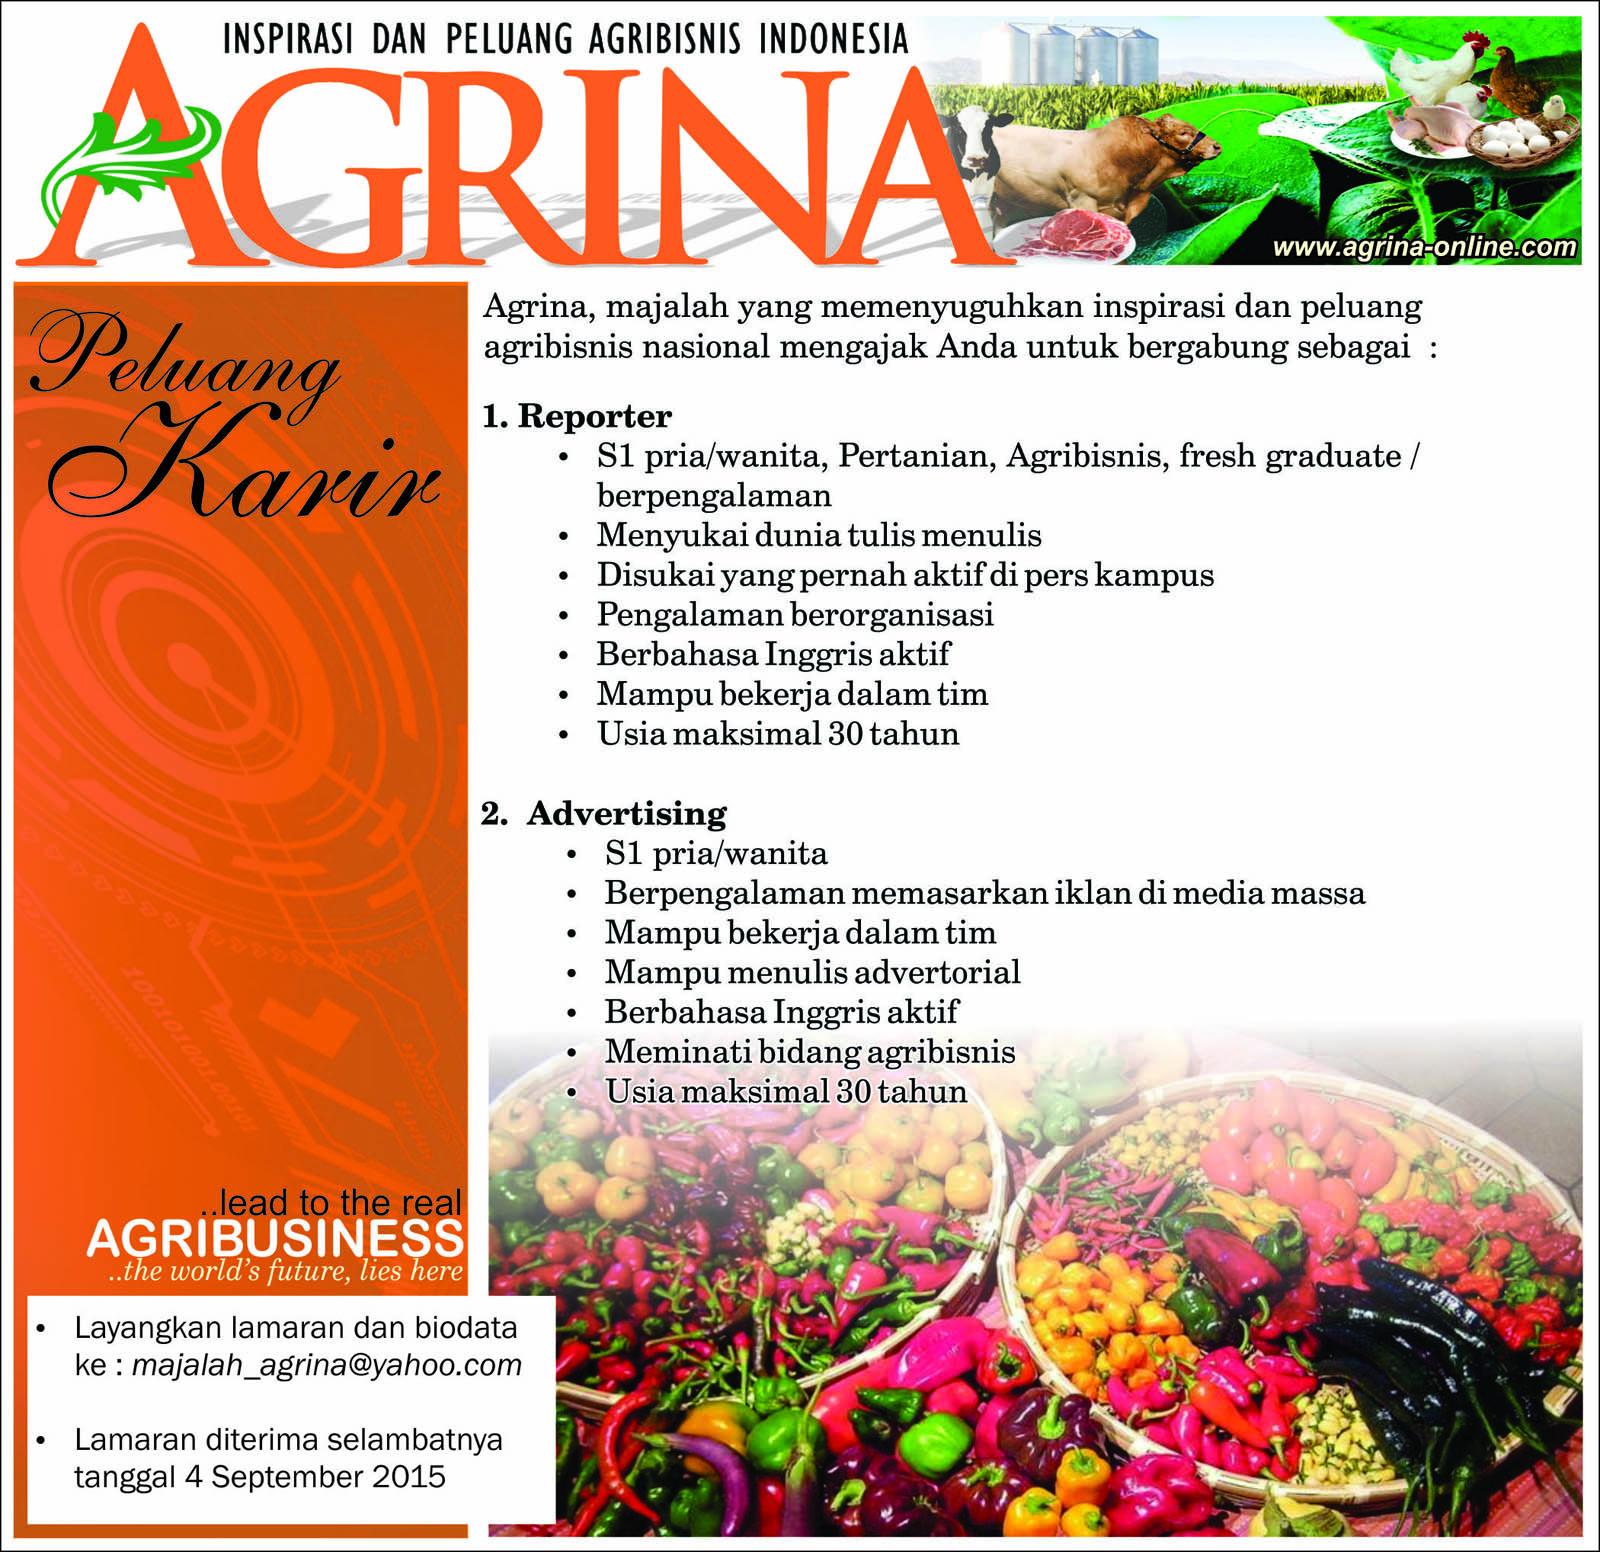 Lowongan Tabloid Agrina Peluang Karir Di Majalah Agrina Informasi